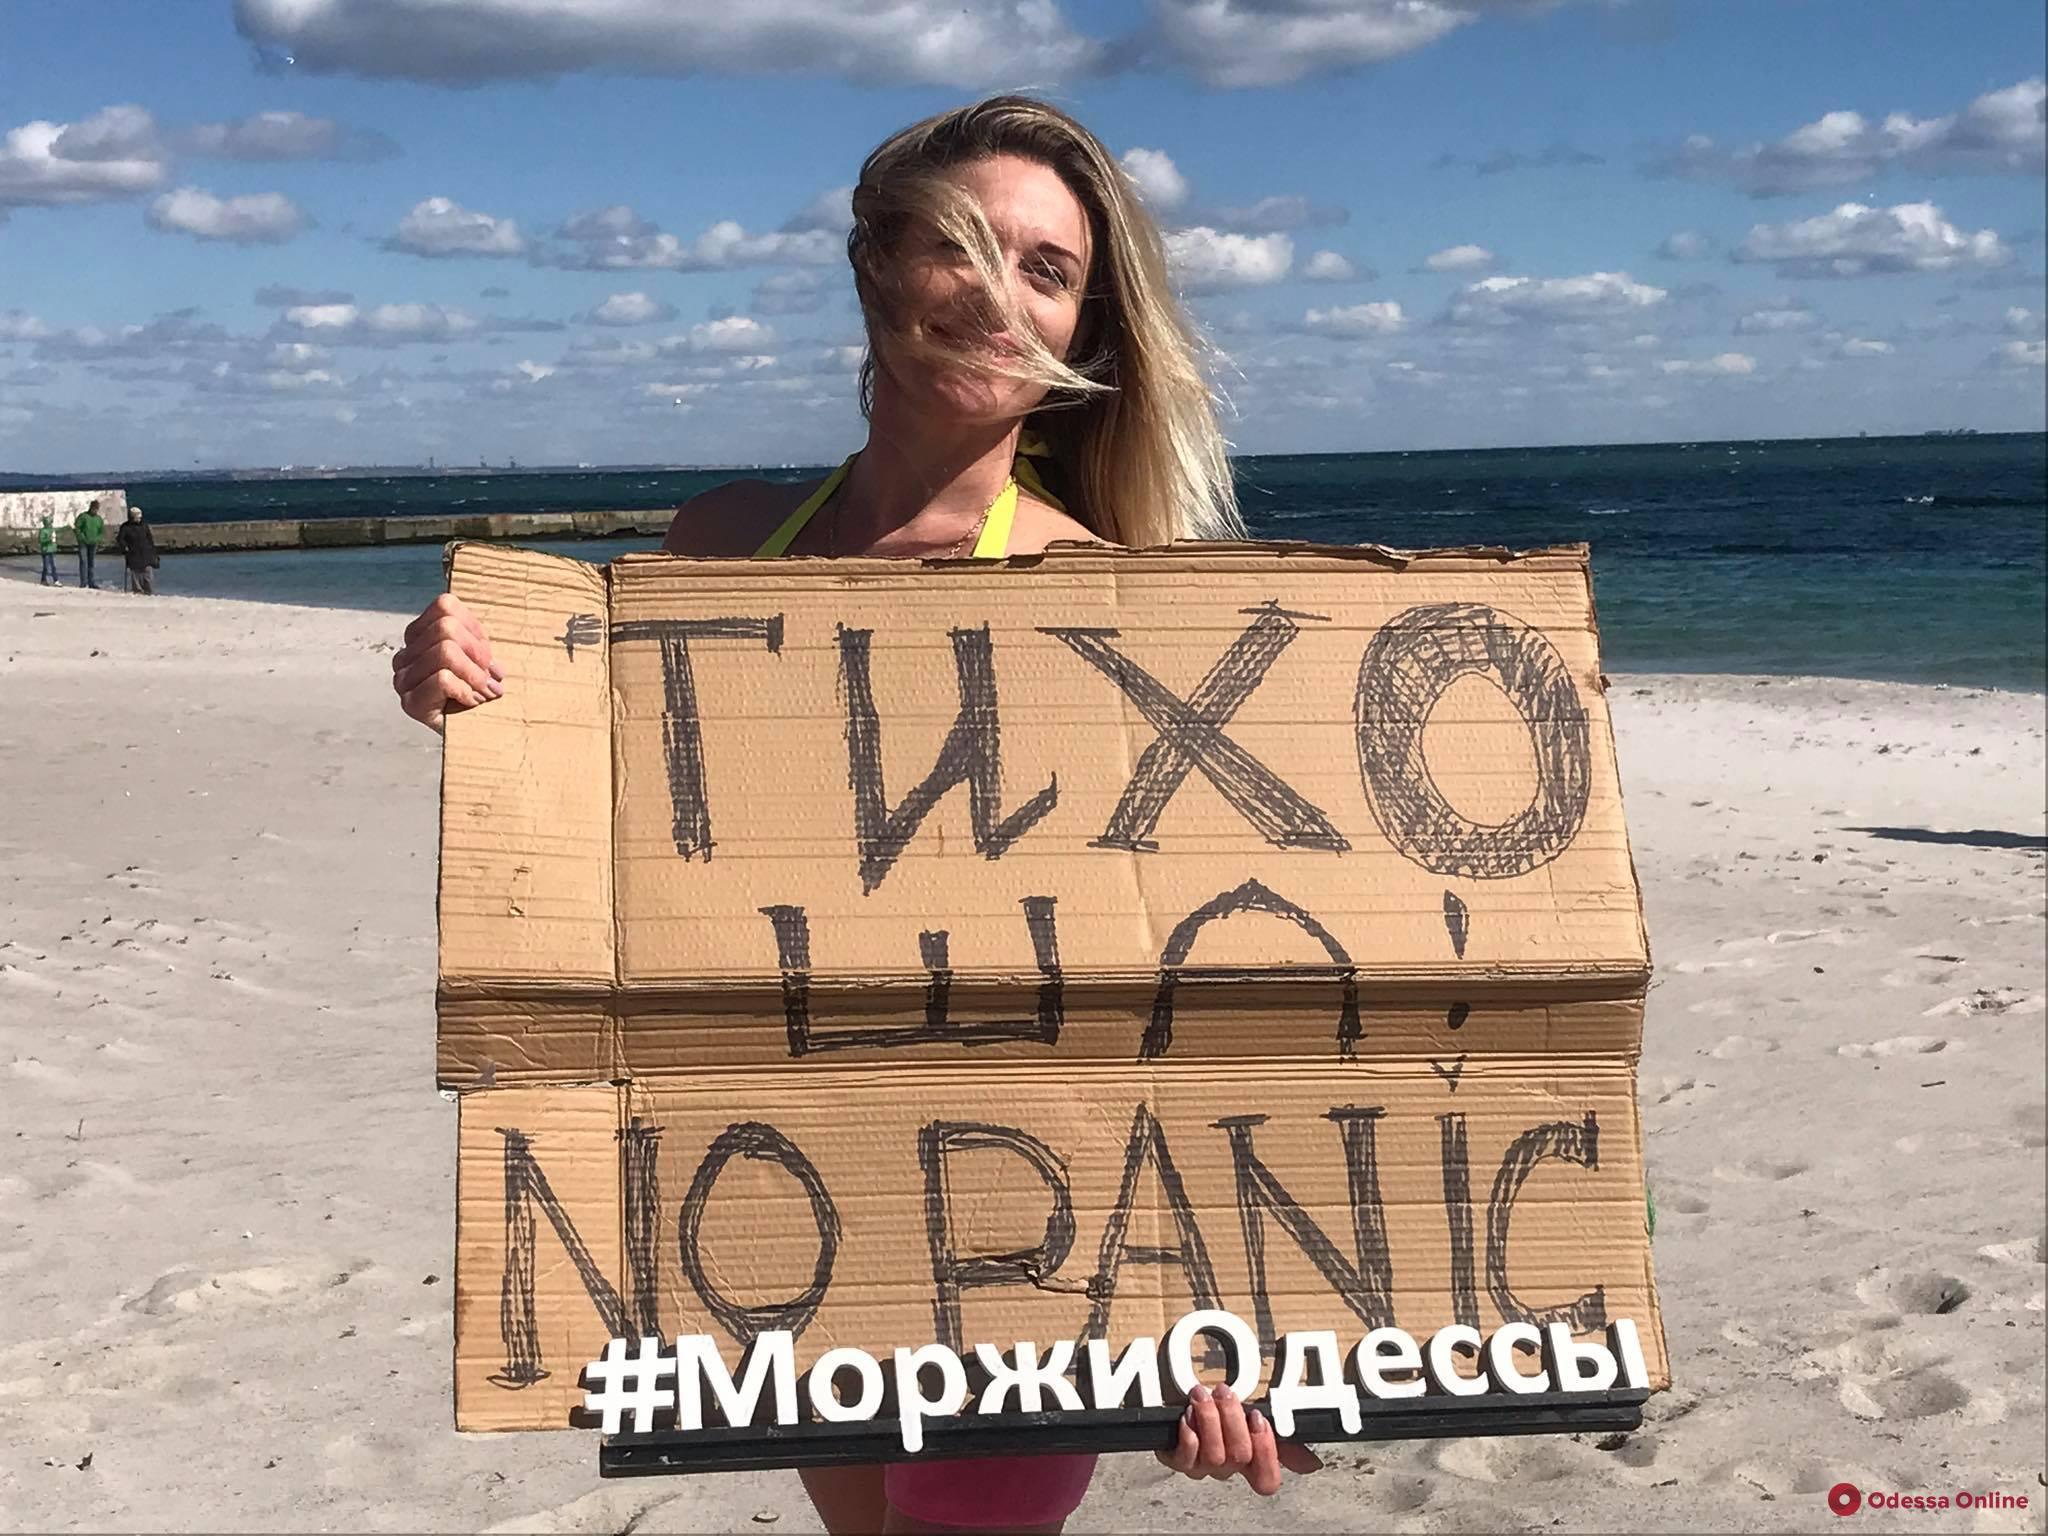 Одесские «моржи» устроили заплыв против «эпидемии паники» (фото, видео)